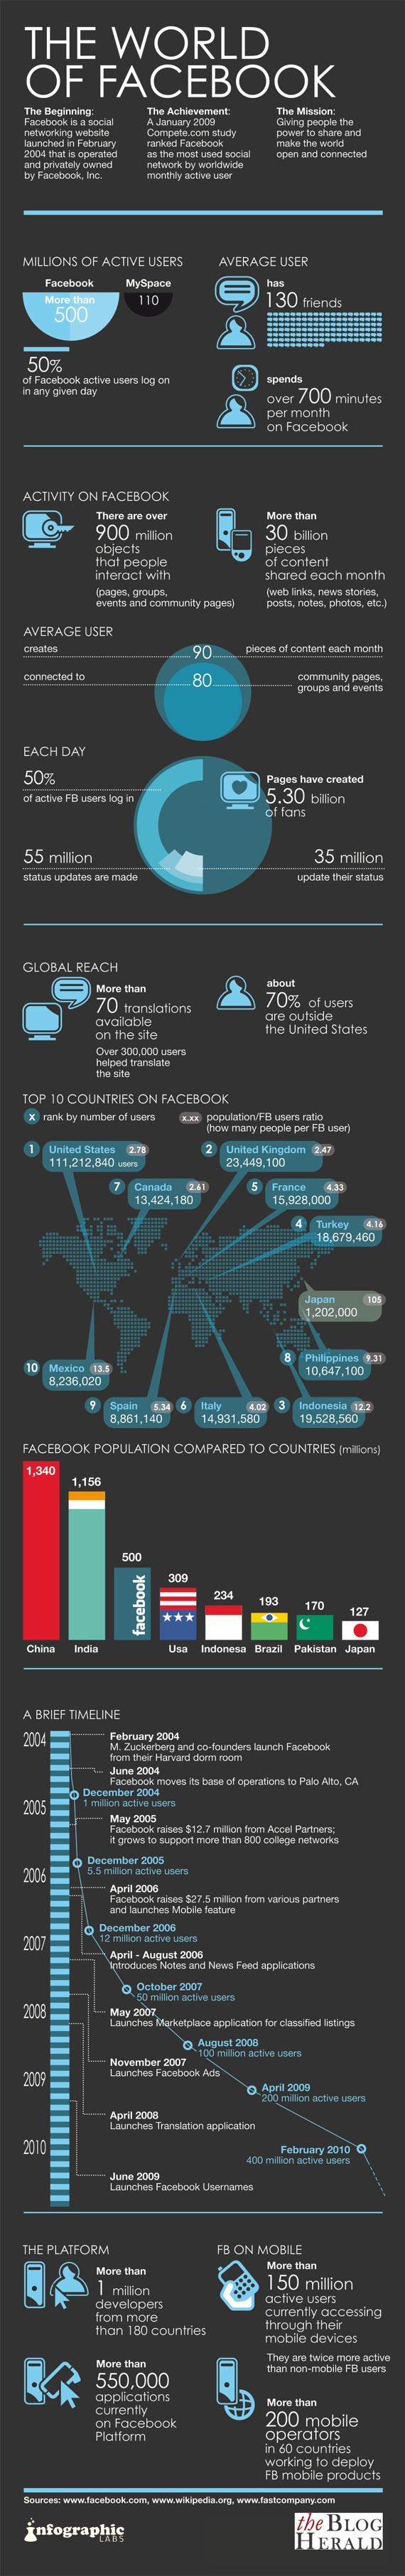 Facebook Statistics Infographic